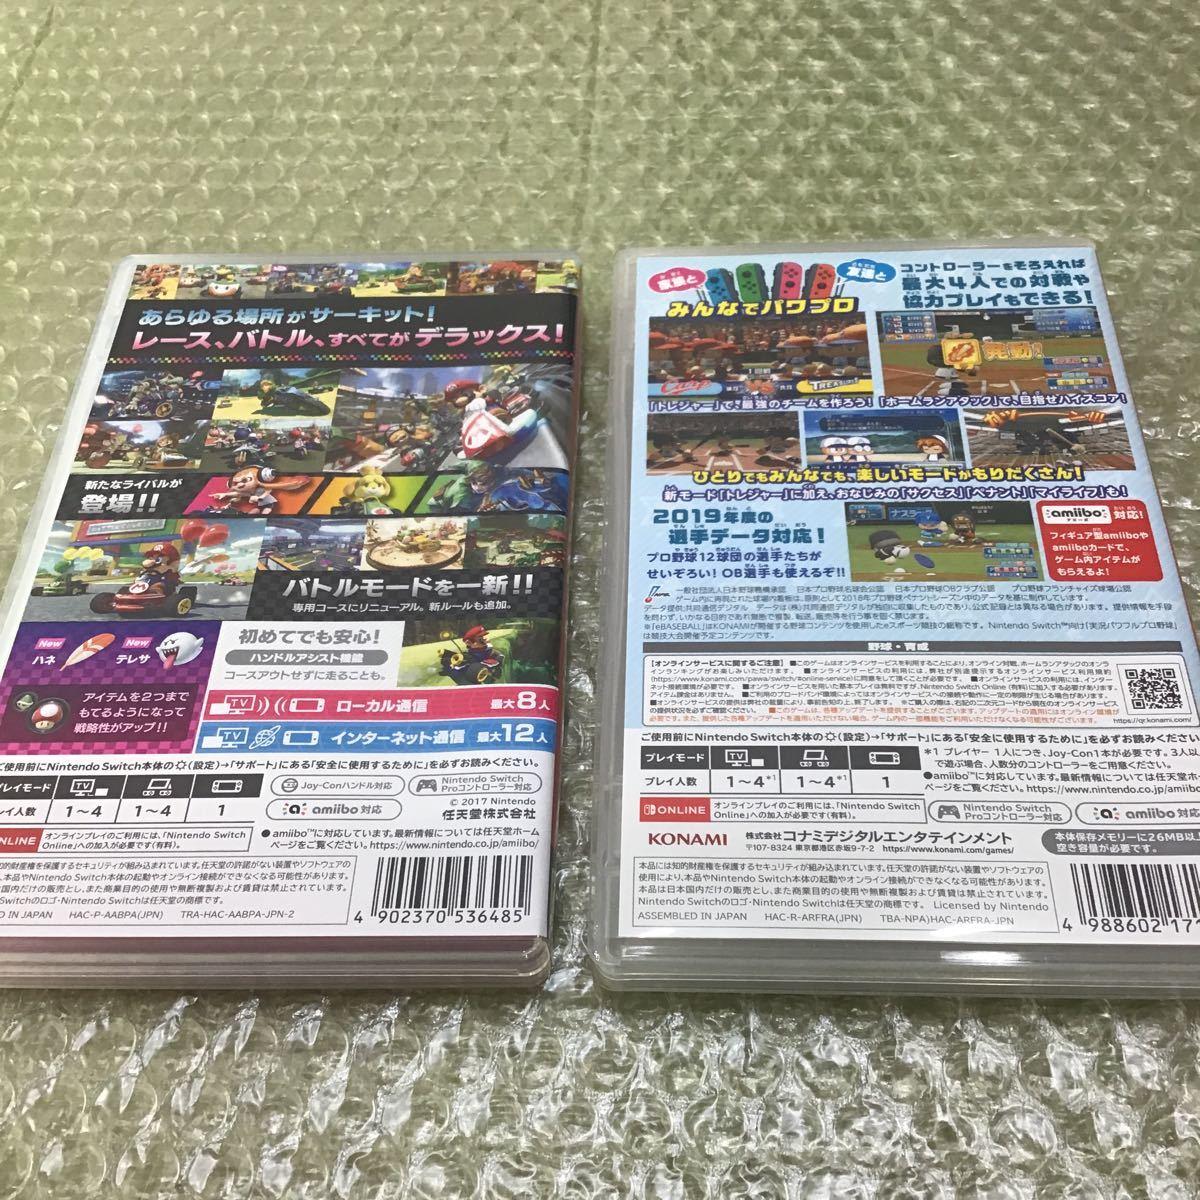 マリオカート8デラックス + 実況パワフルプロ野球 + 特典カード2枚付 新品同様 スイッチソフト Nintendo switch